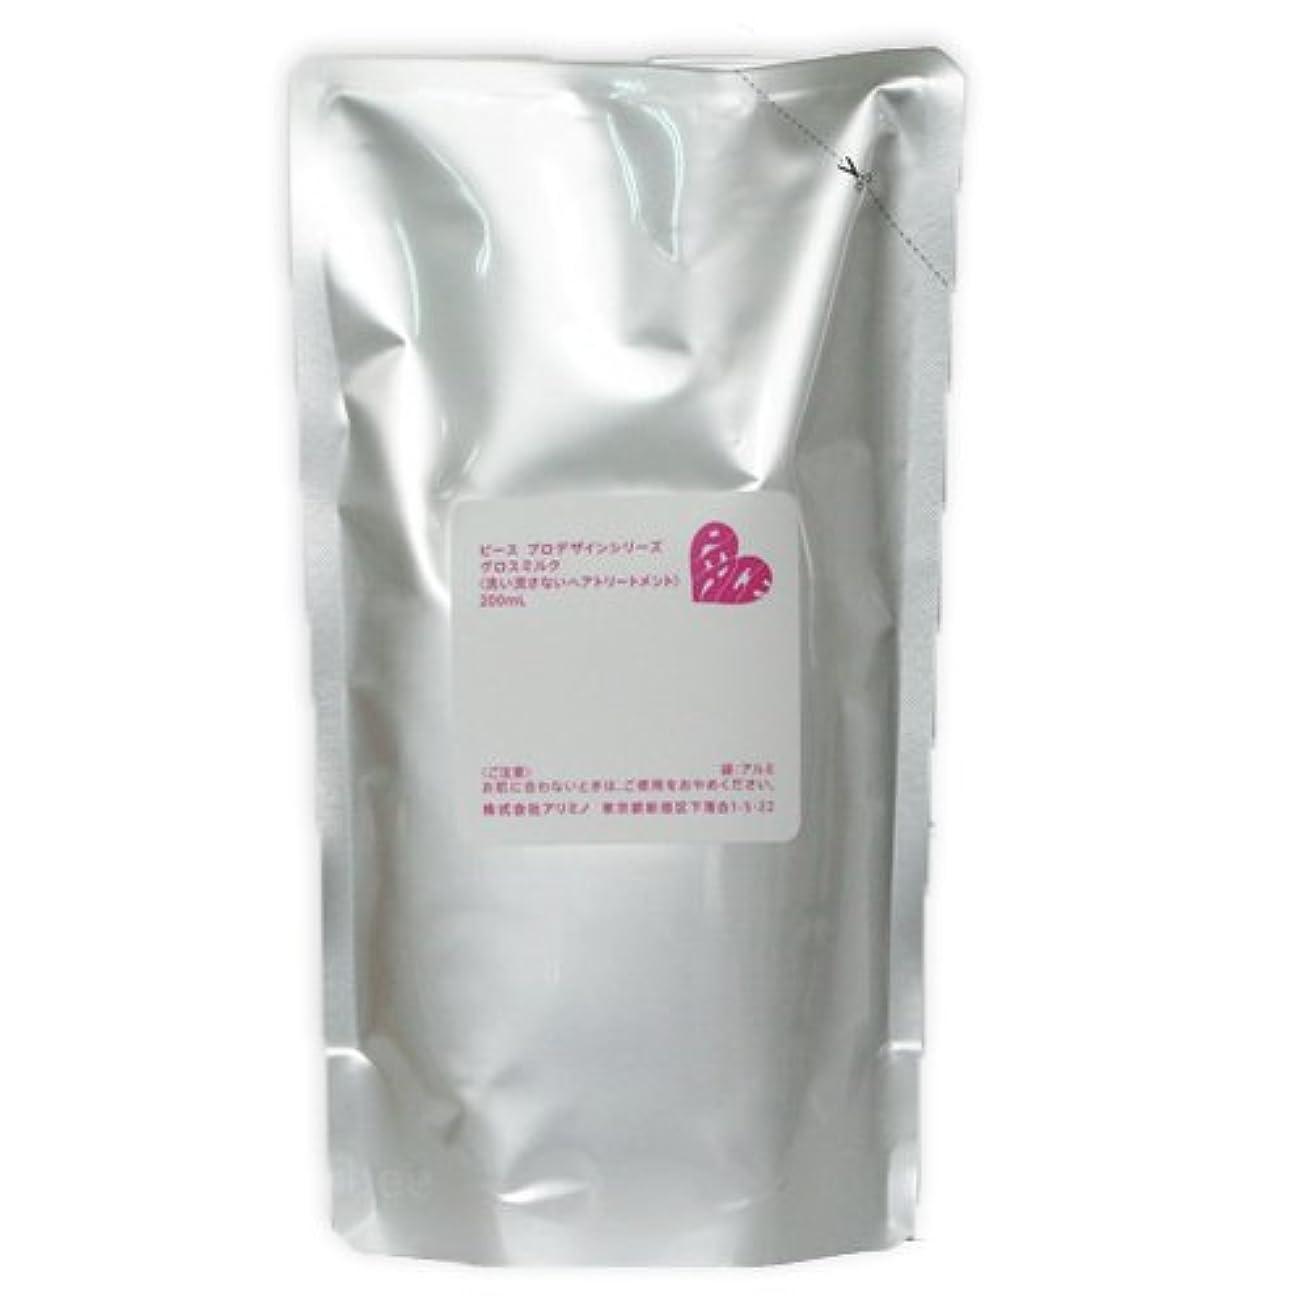 影響力のある締め切りボンドアリミノ ピース グロスミルク ホワイト 200mL 詰め替え リフィル